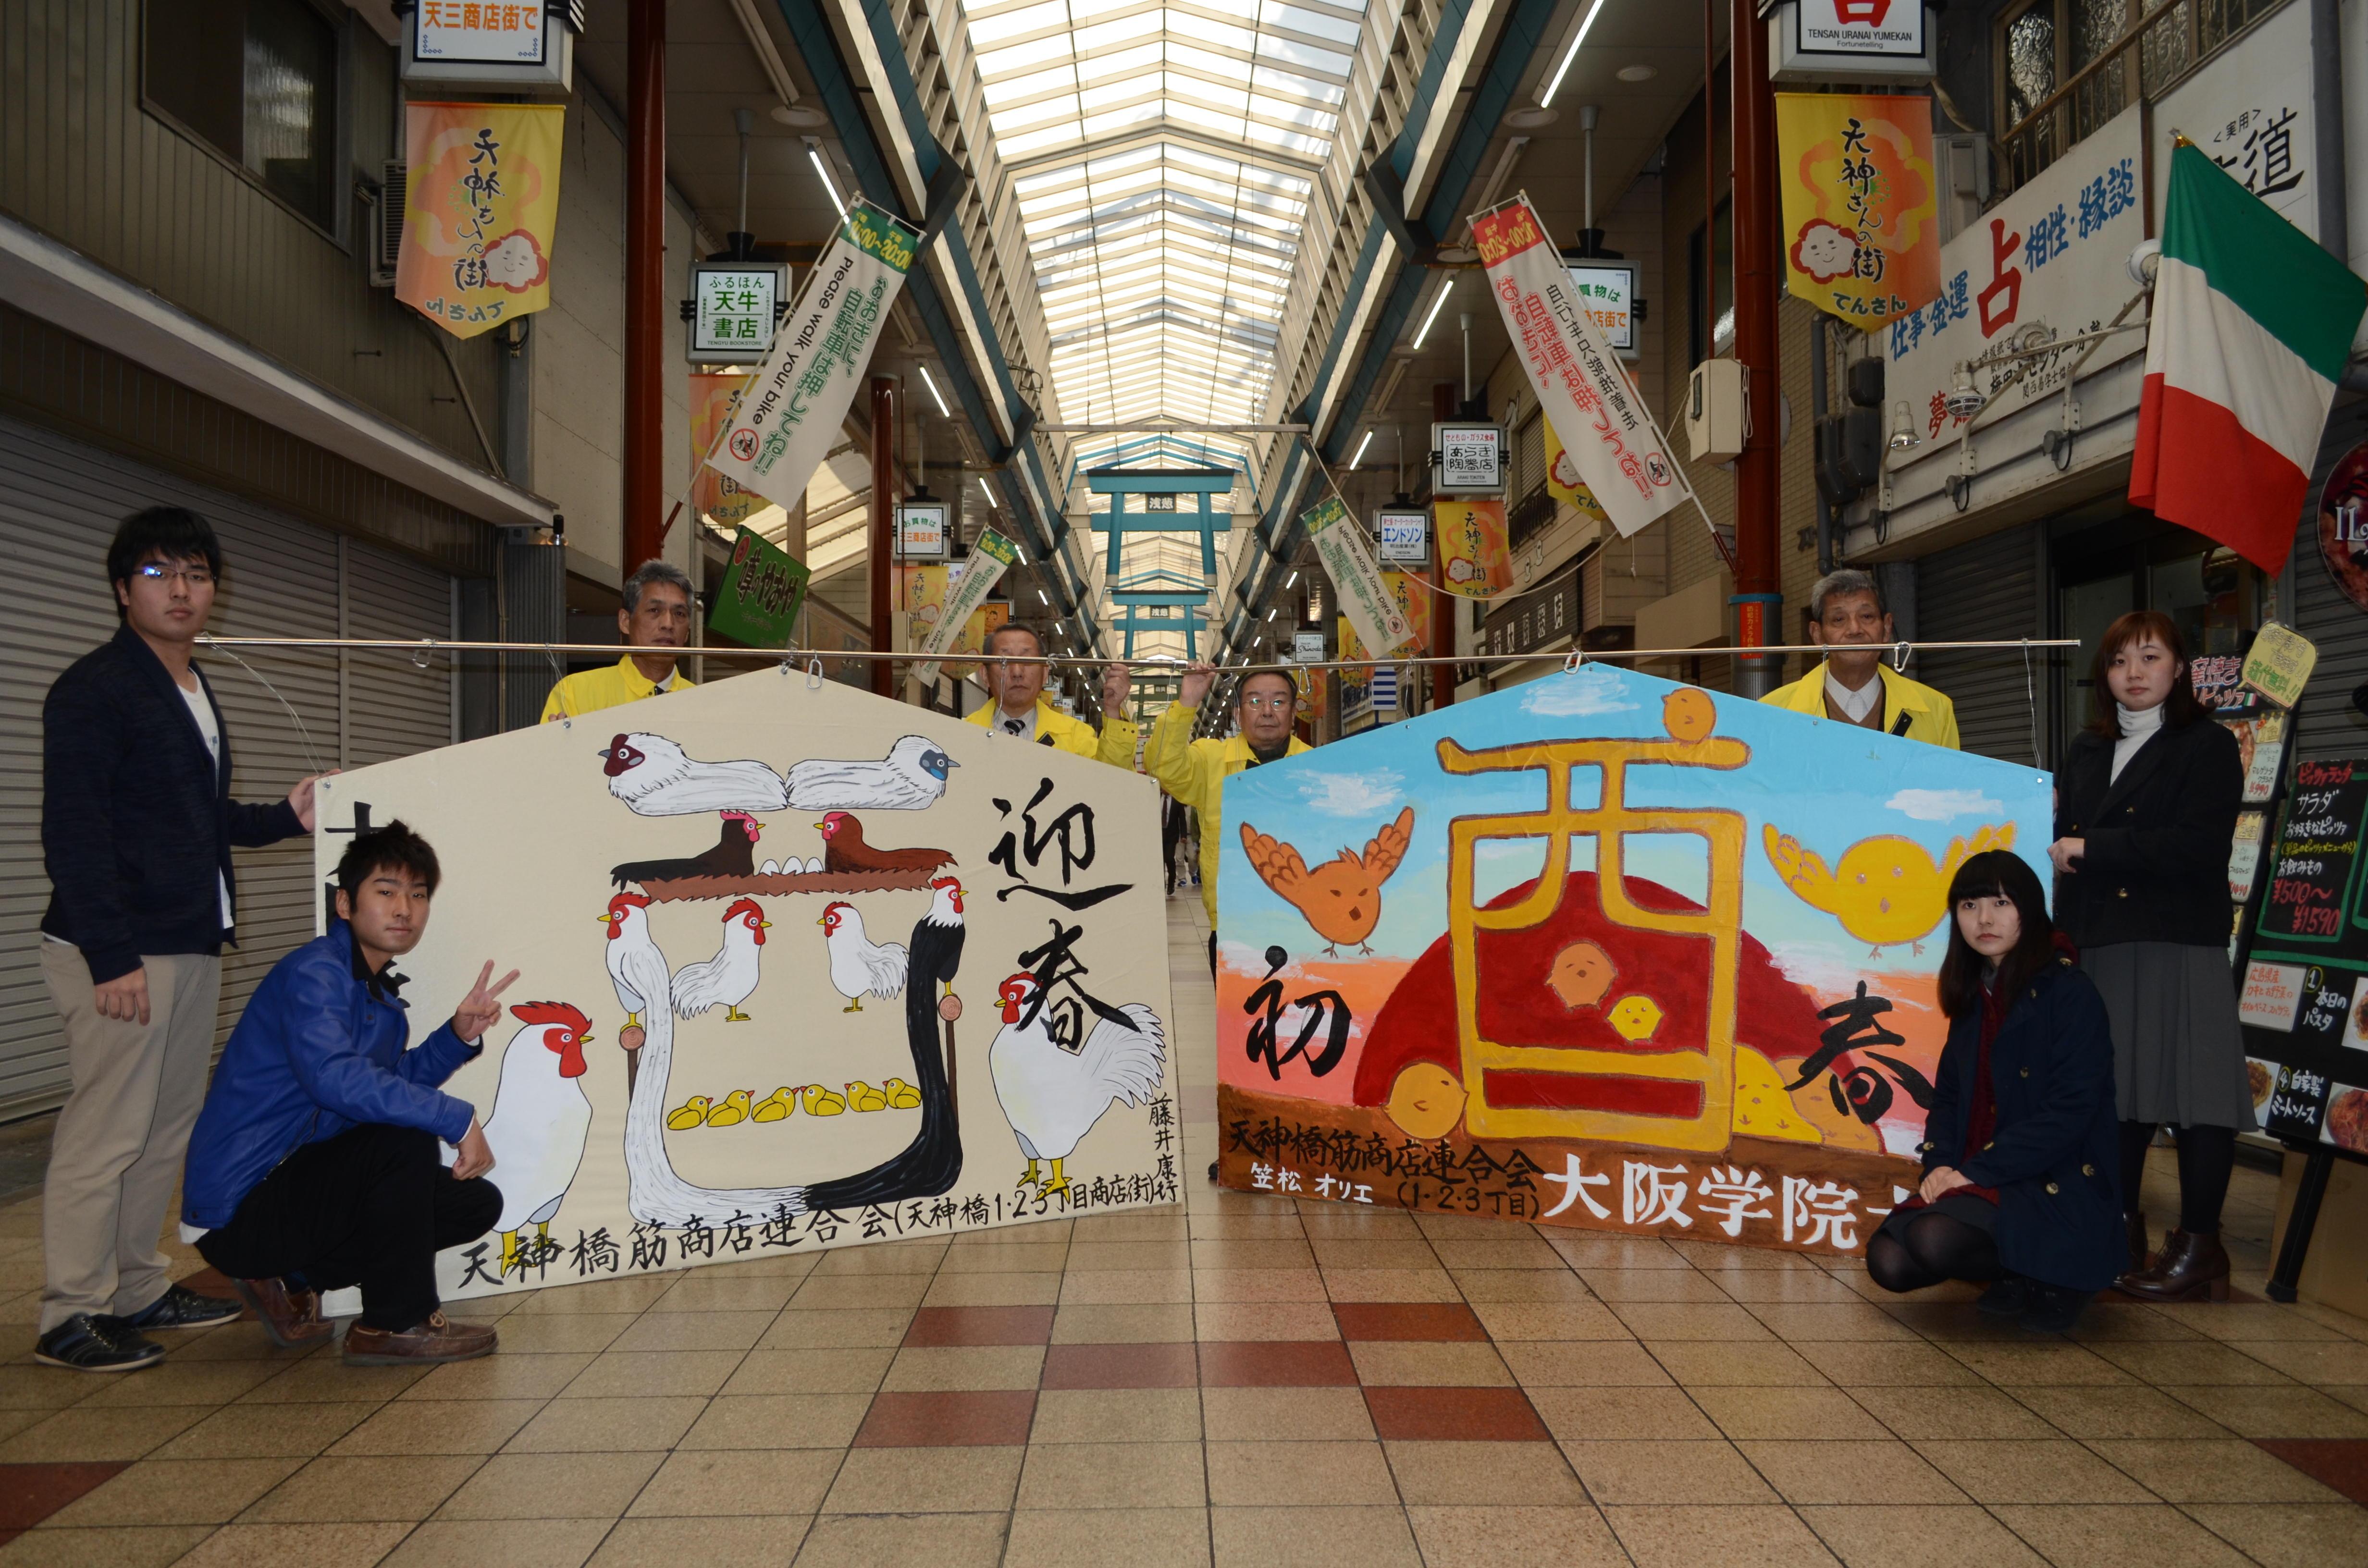 学生制作の巨大絵馬(縦1.5m×横2.2m)を天神橋筋商店街に設置! -- 大阪学院大学